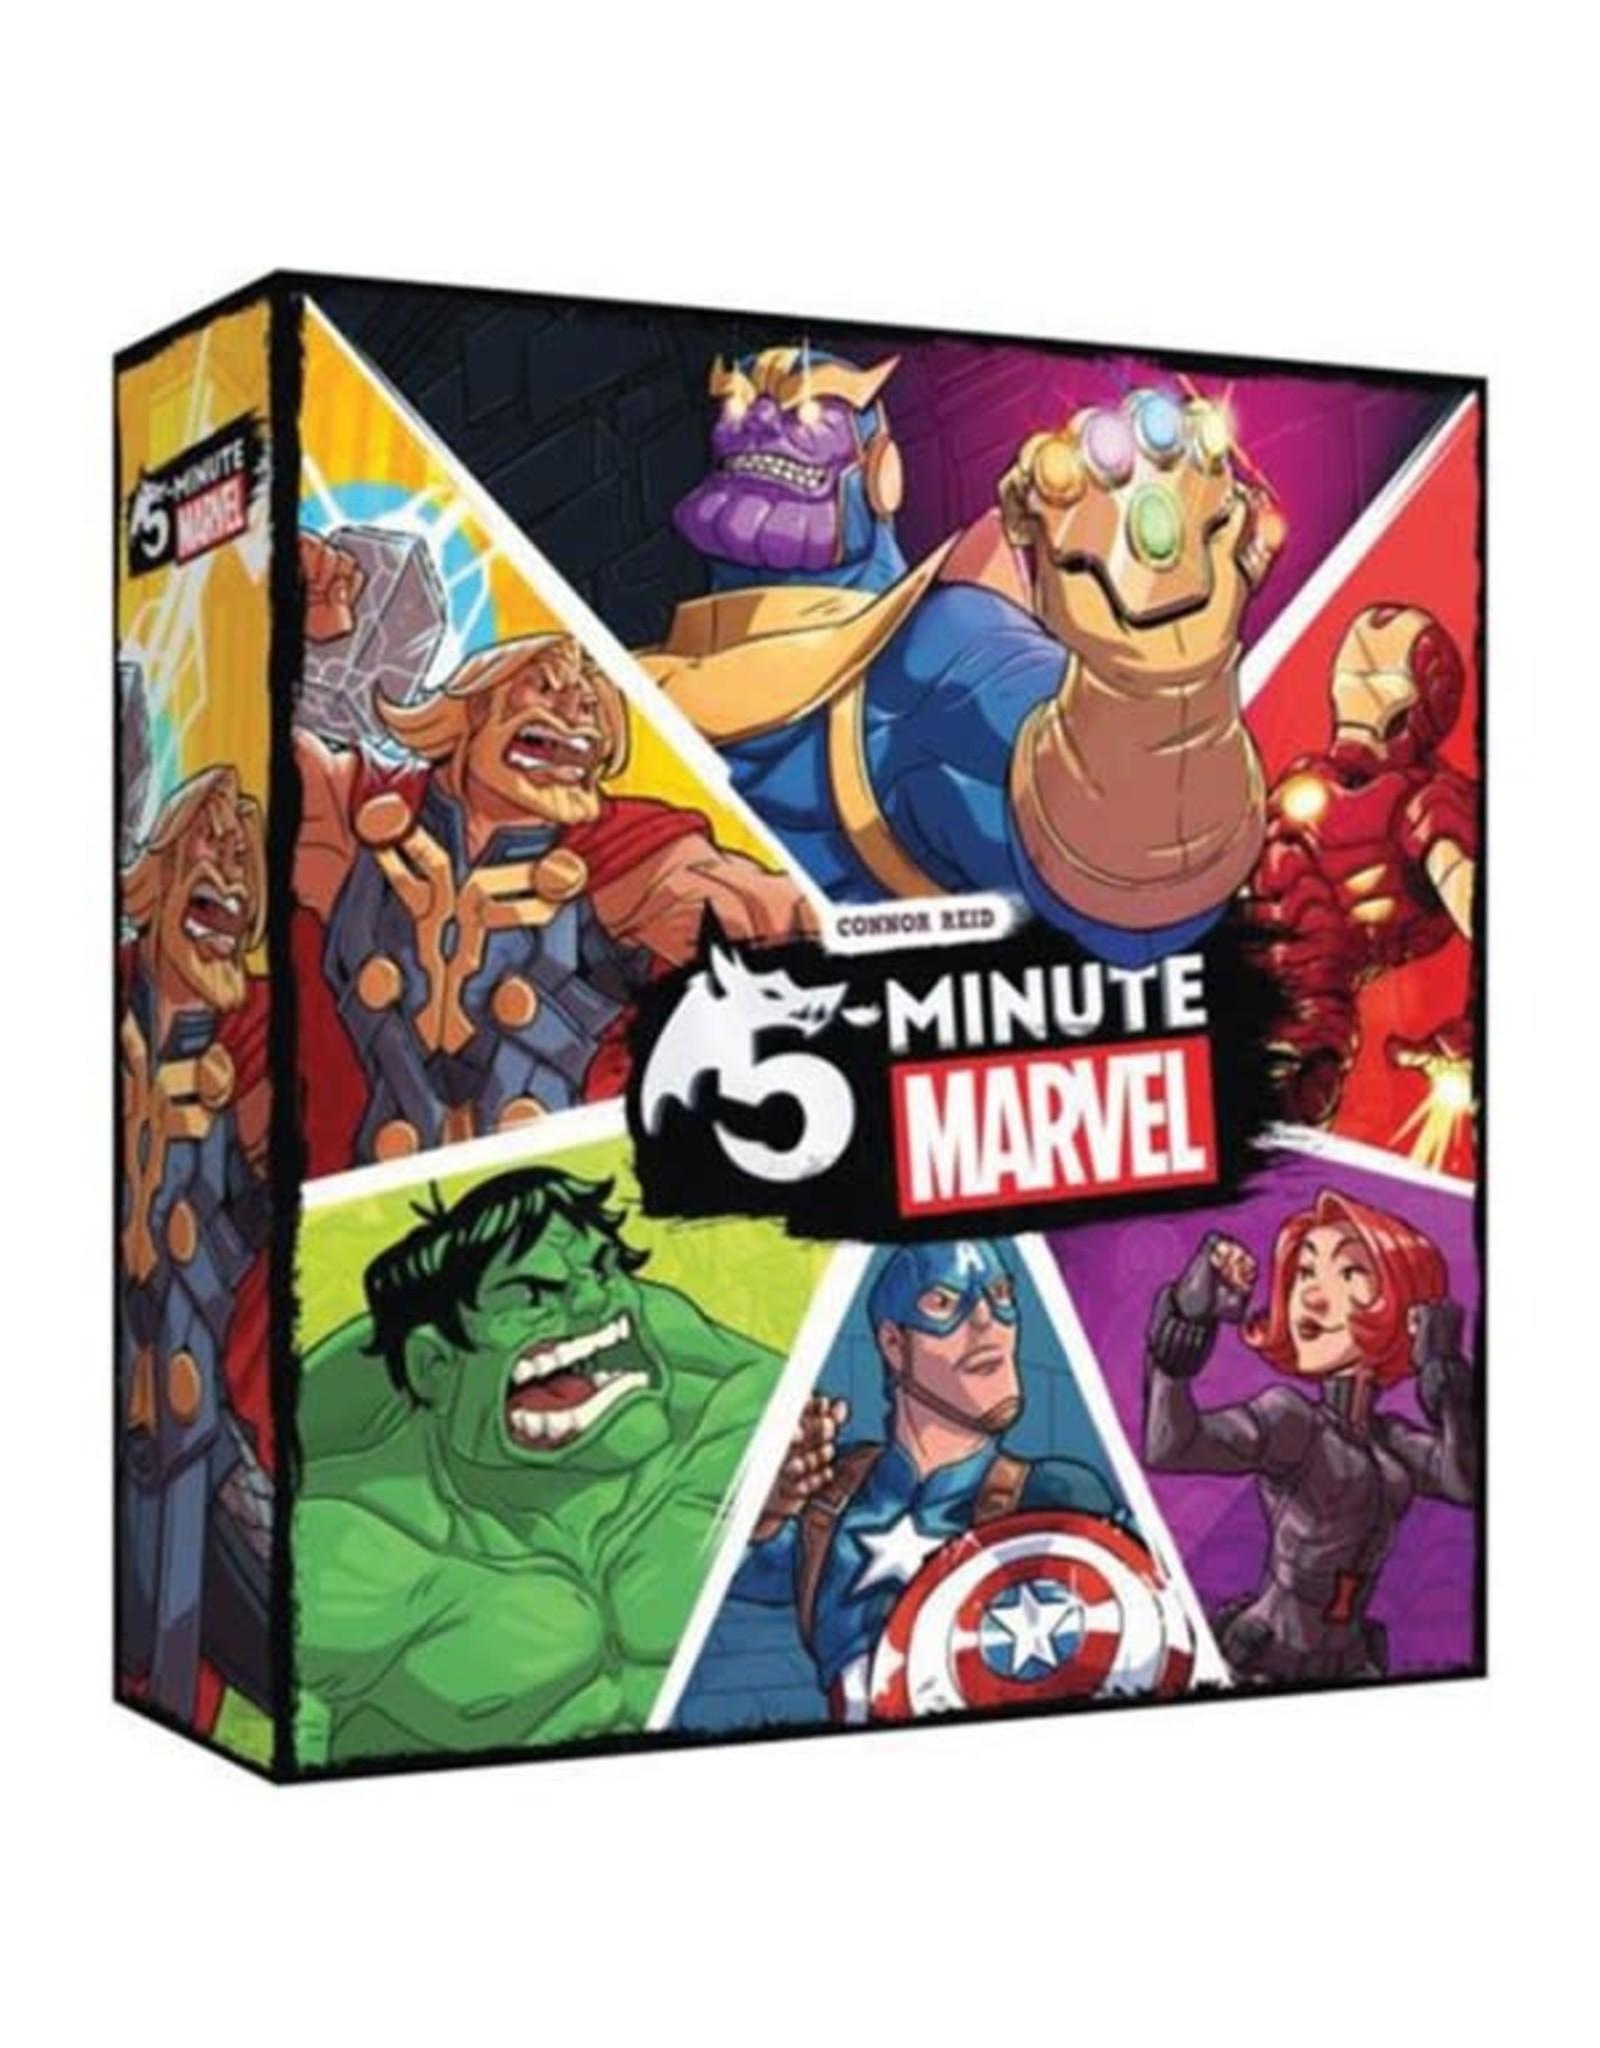 SpinMaster 5-Minute Marvel